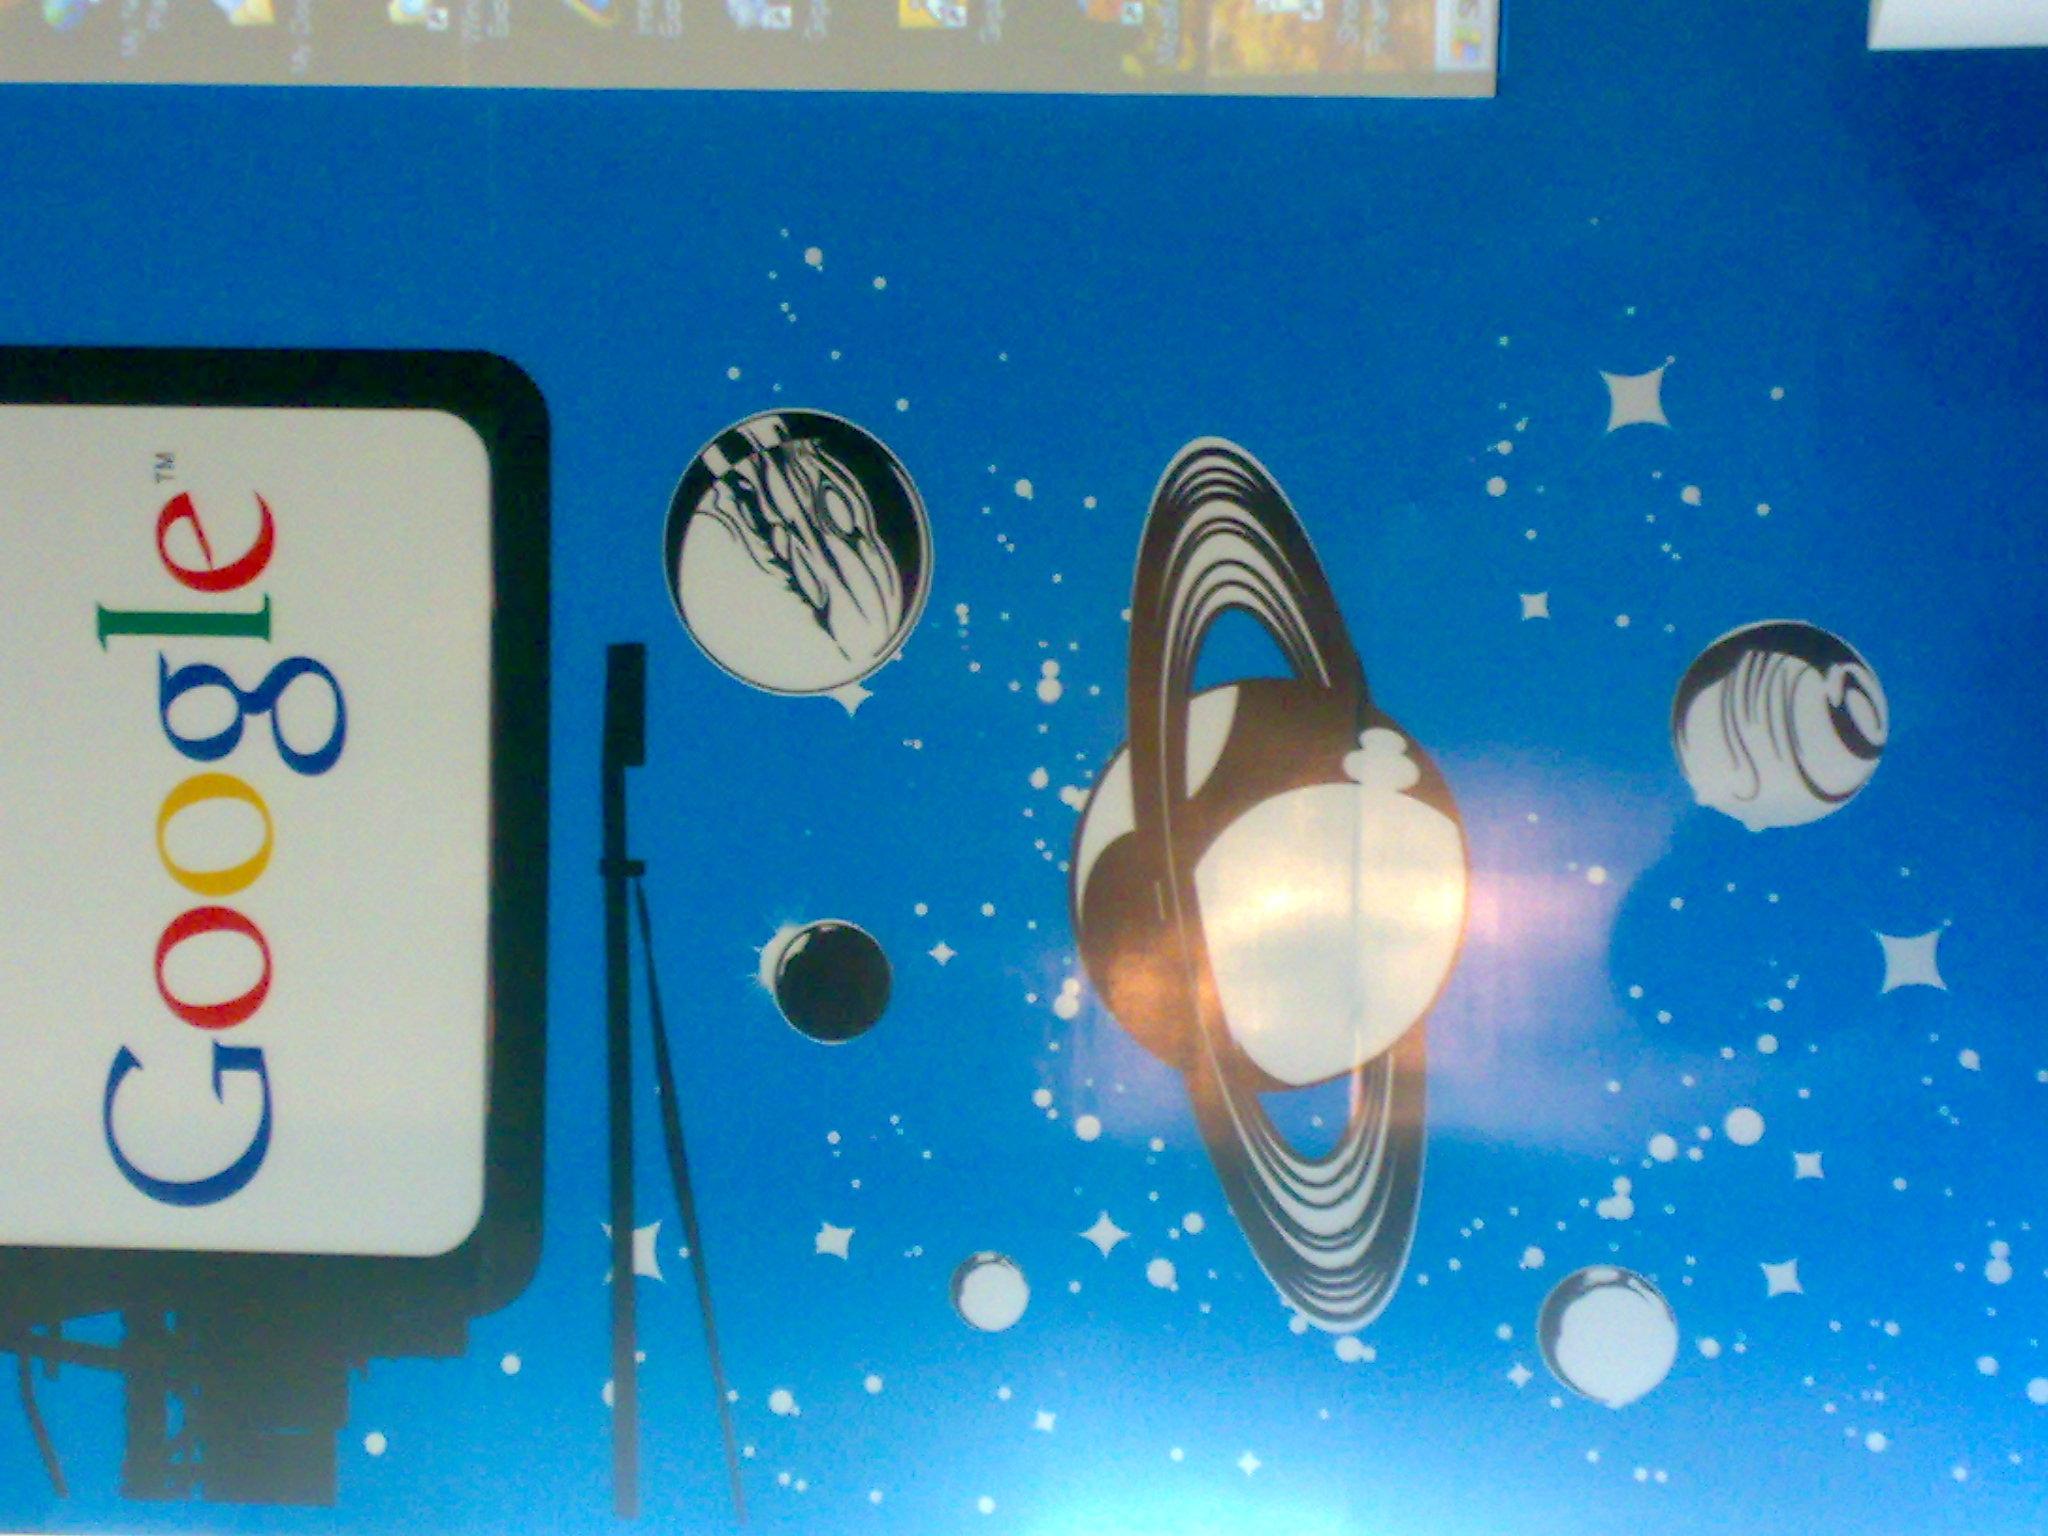 2008 - Palestra astrofografia com webcams (2263024368).jpg Campus Party Brasil 2008 - Palestra astrofografia com webcams Date 12 February 2008, 15:36 Source